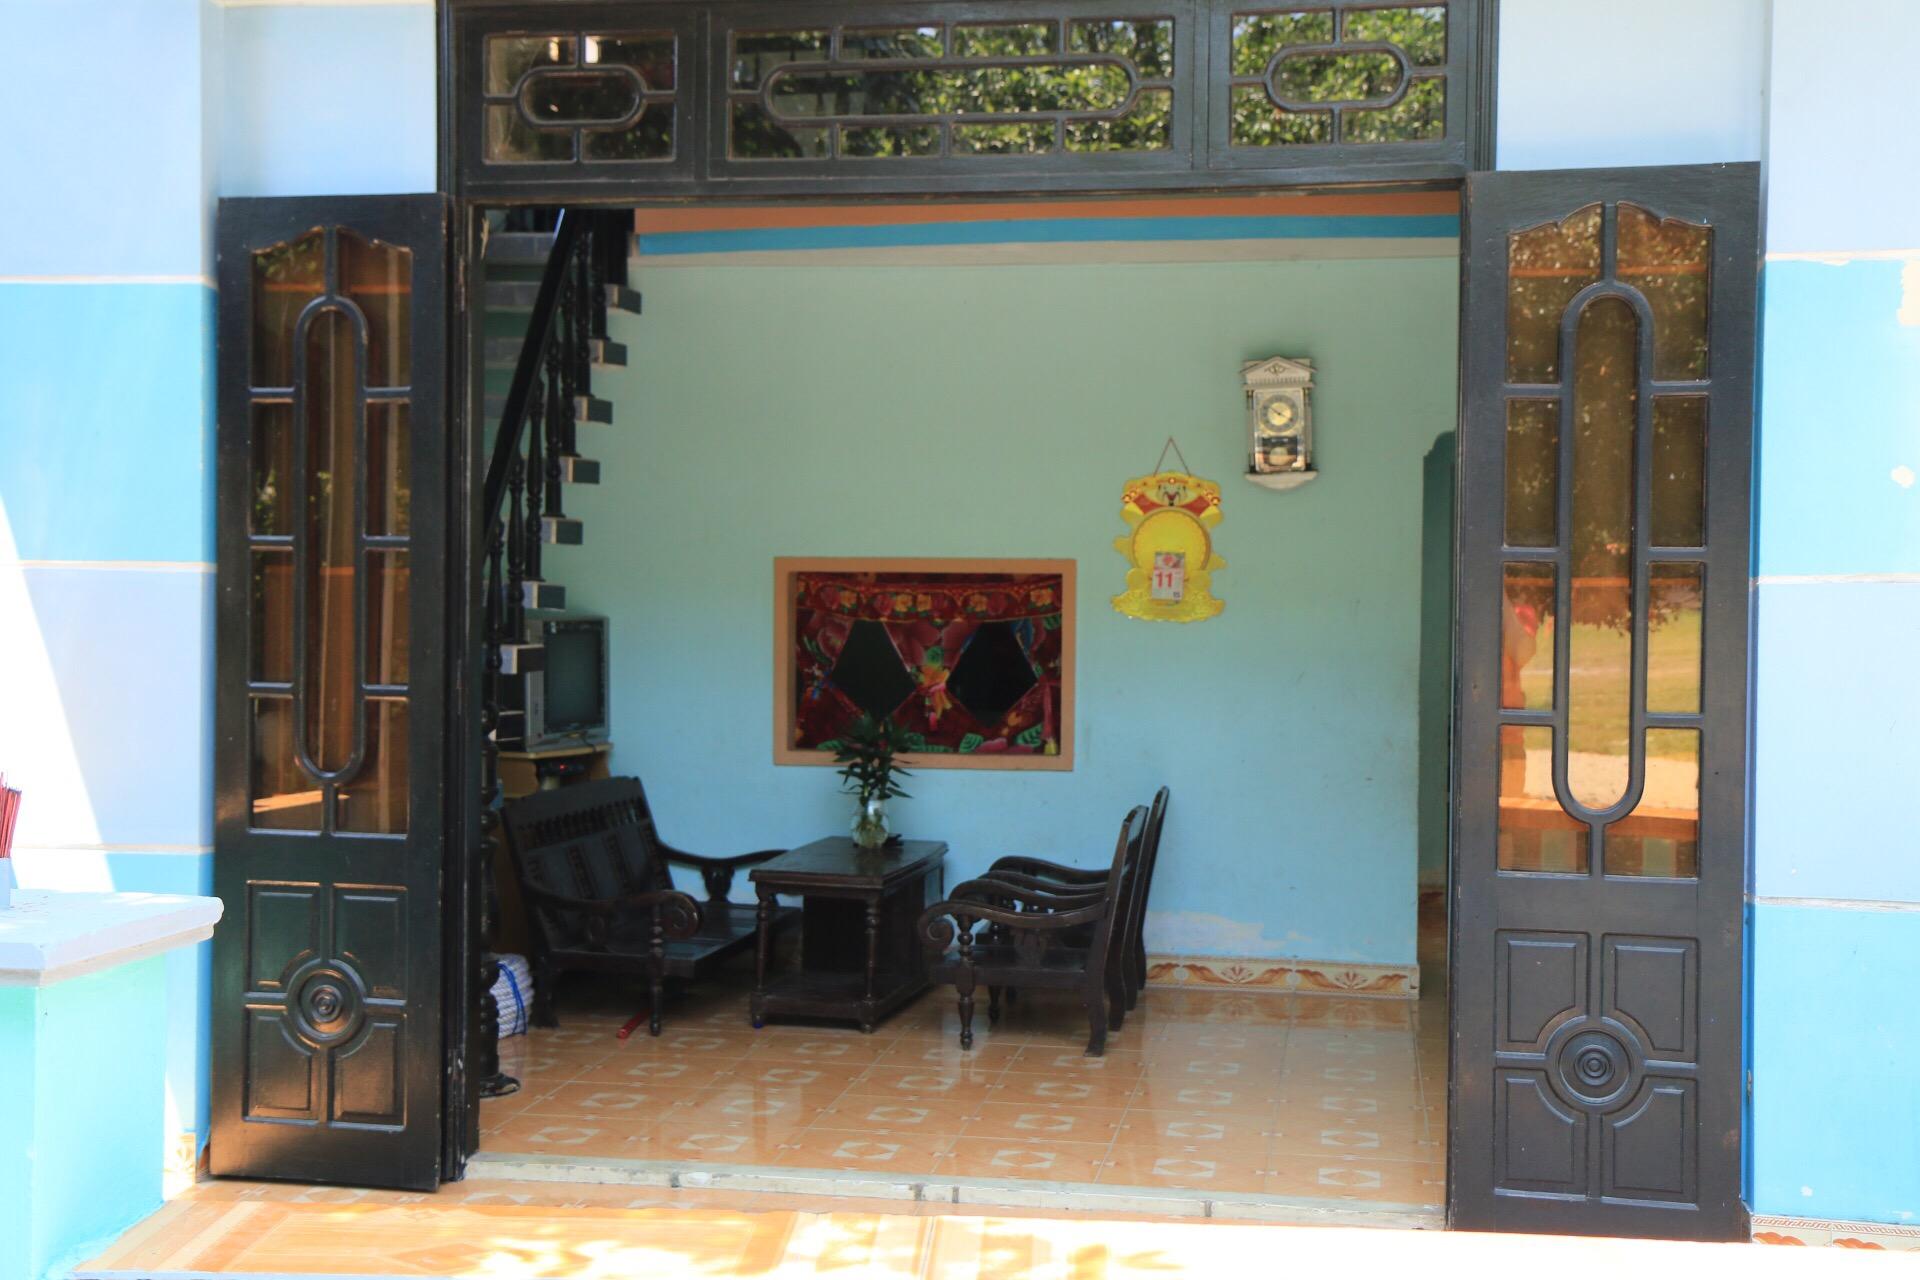 Den Blick ins Wohnzimmer der Inselbewohner gab es Freihaus.